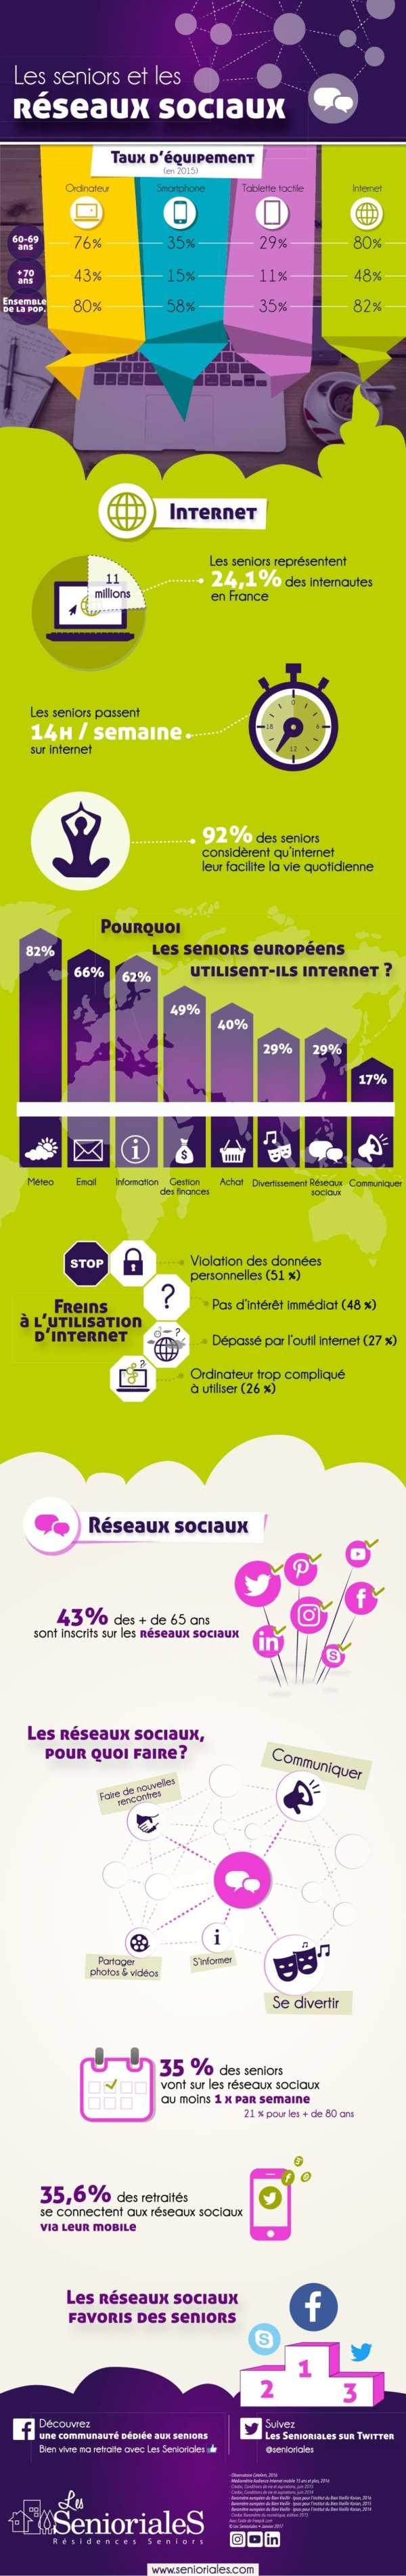 Infographie : les séniors et les réseaux sociaux